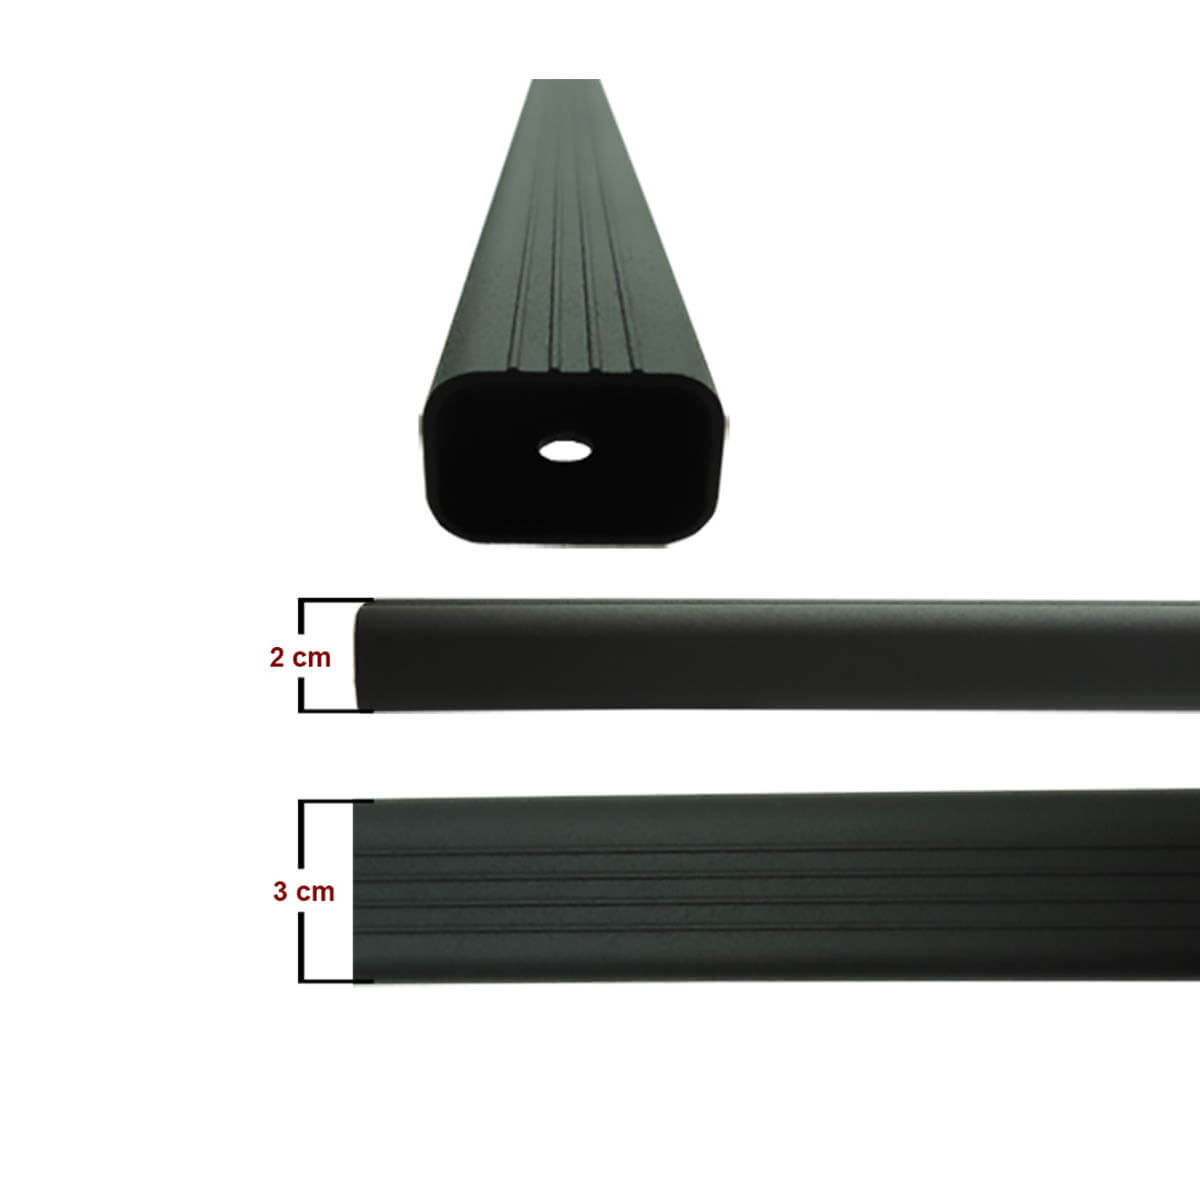 Travessa rack de teto alumínio preta Doblo 2002 a 2018 kit 4 peças